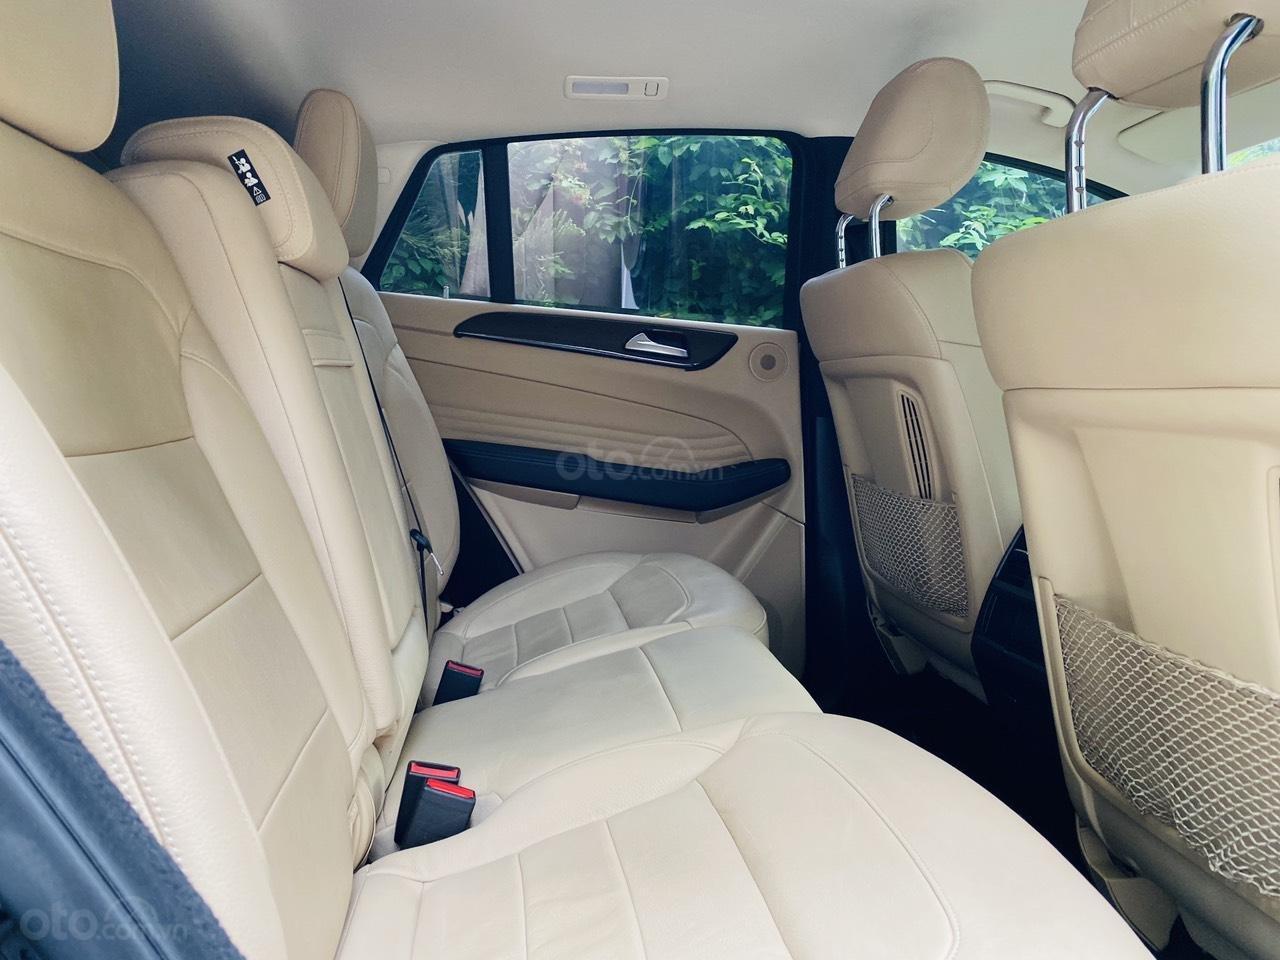 Bán ô tô Mercedes GLE Couple sản xuất 2016 nhập khẩu (10)